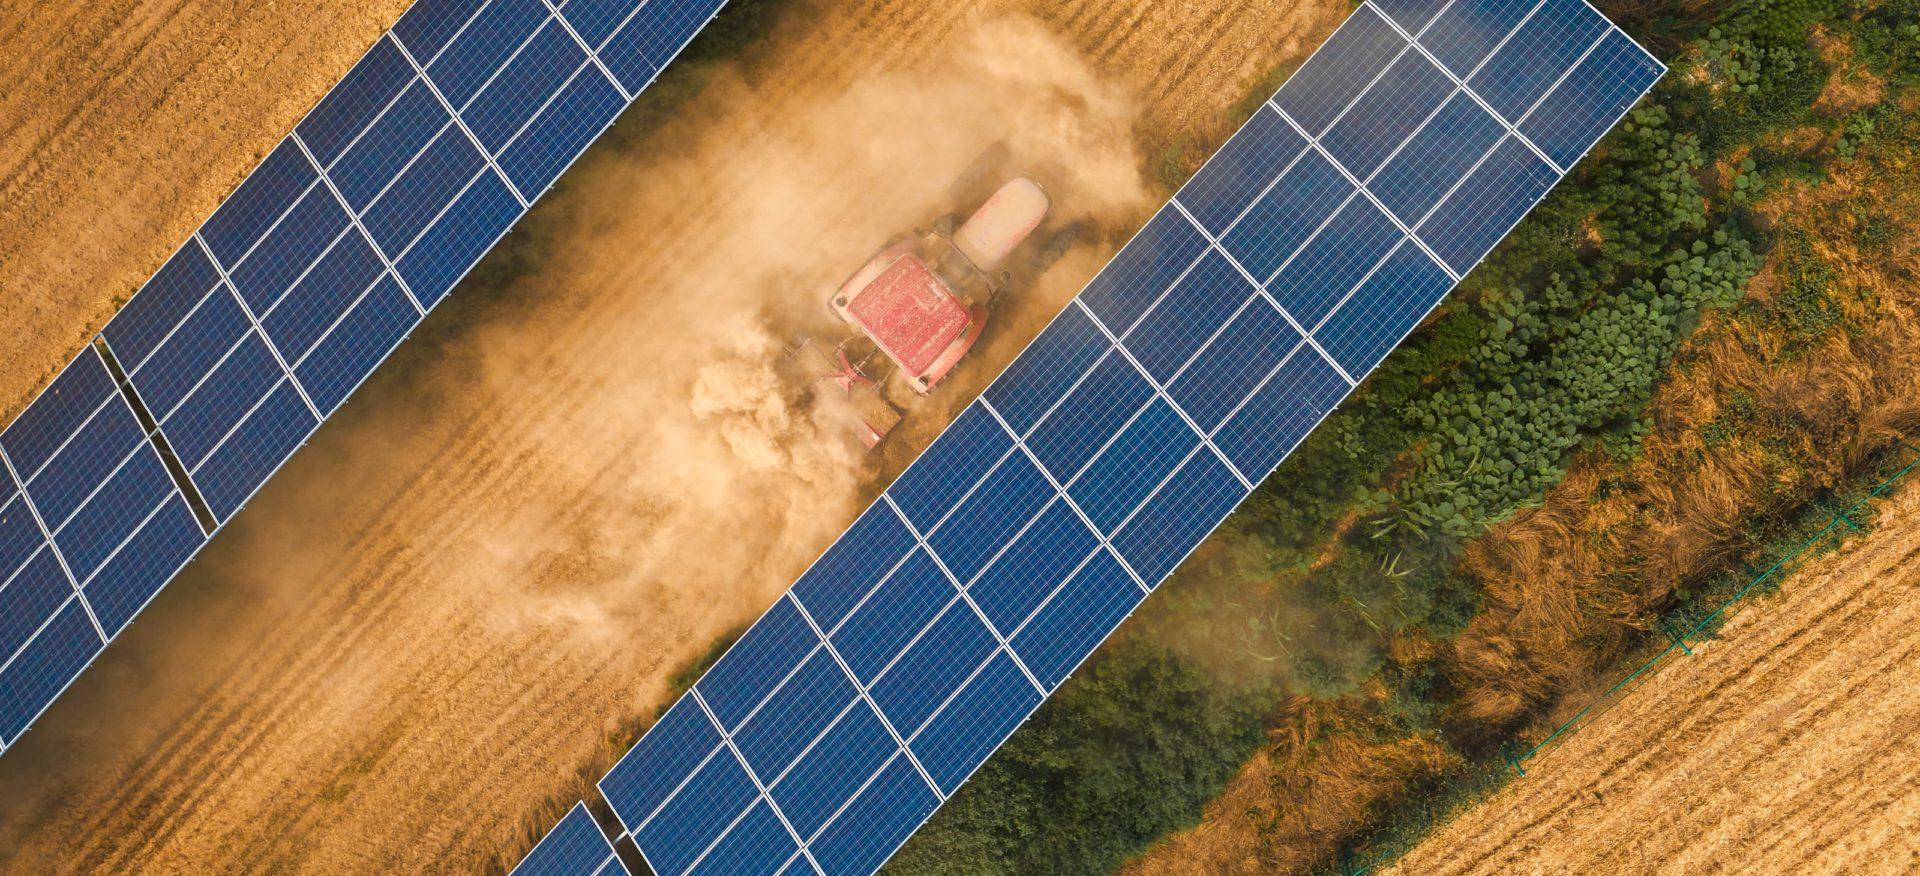 Ein Traktor zwischen Solarkollektoren und der Schriftzug Farm 5.0.